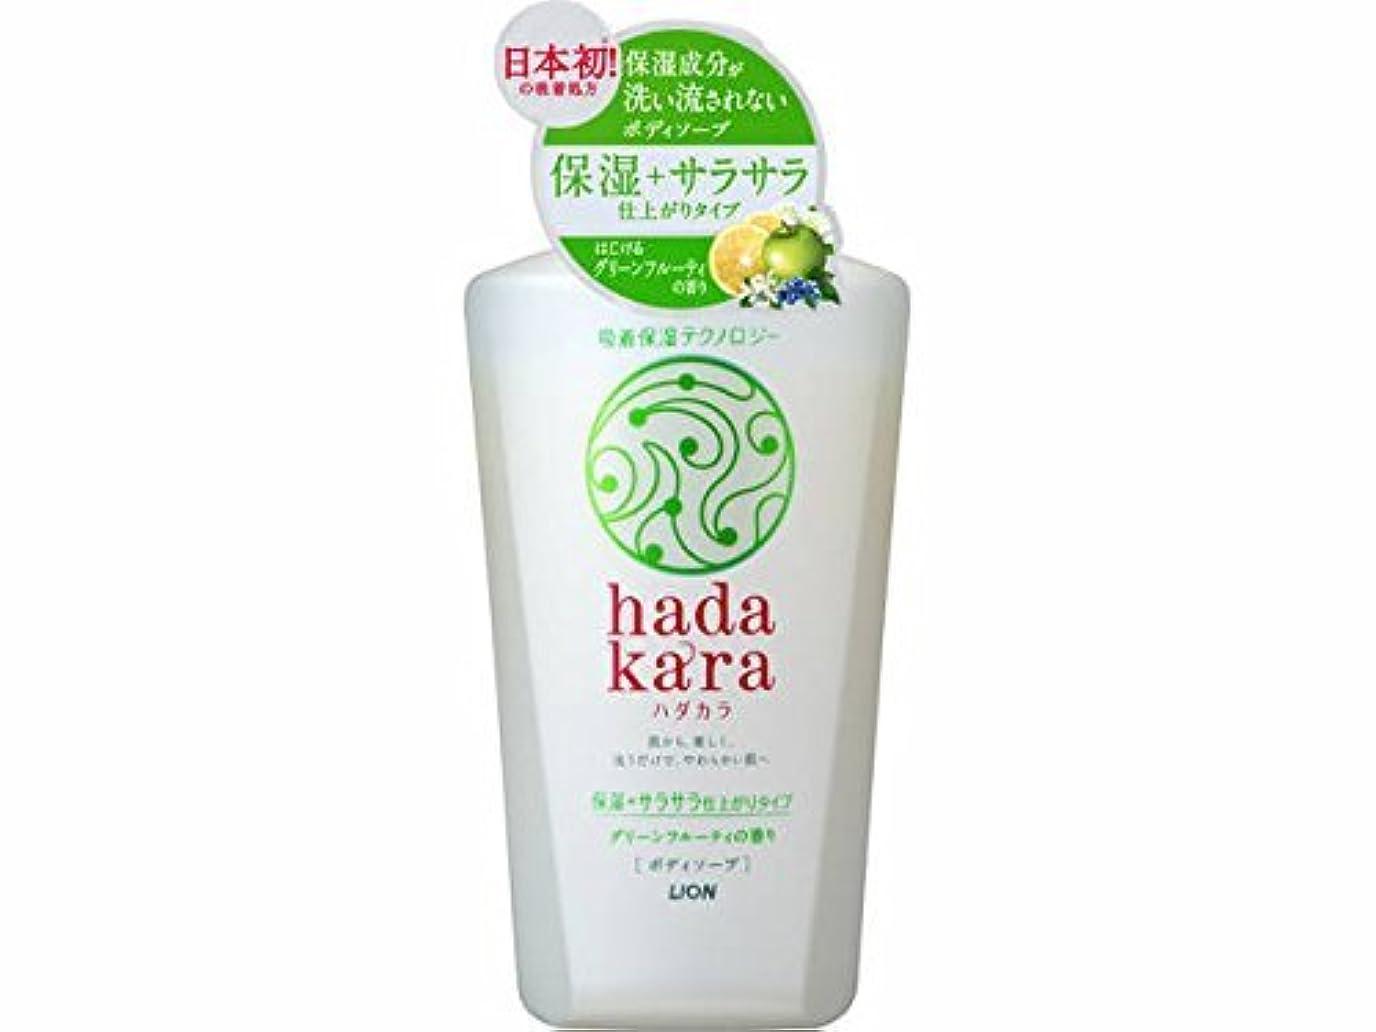 熱帯のギャングスター会計士ライオン hadakara(ハダカラ)ボディソープ 保湿+サラサラ仕上がりタイプ グリーンフルーティの香り 本体